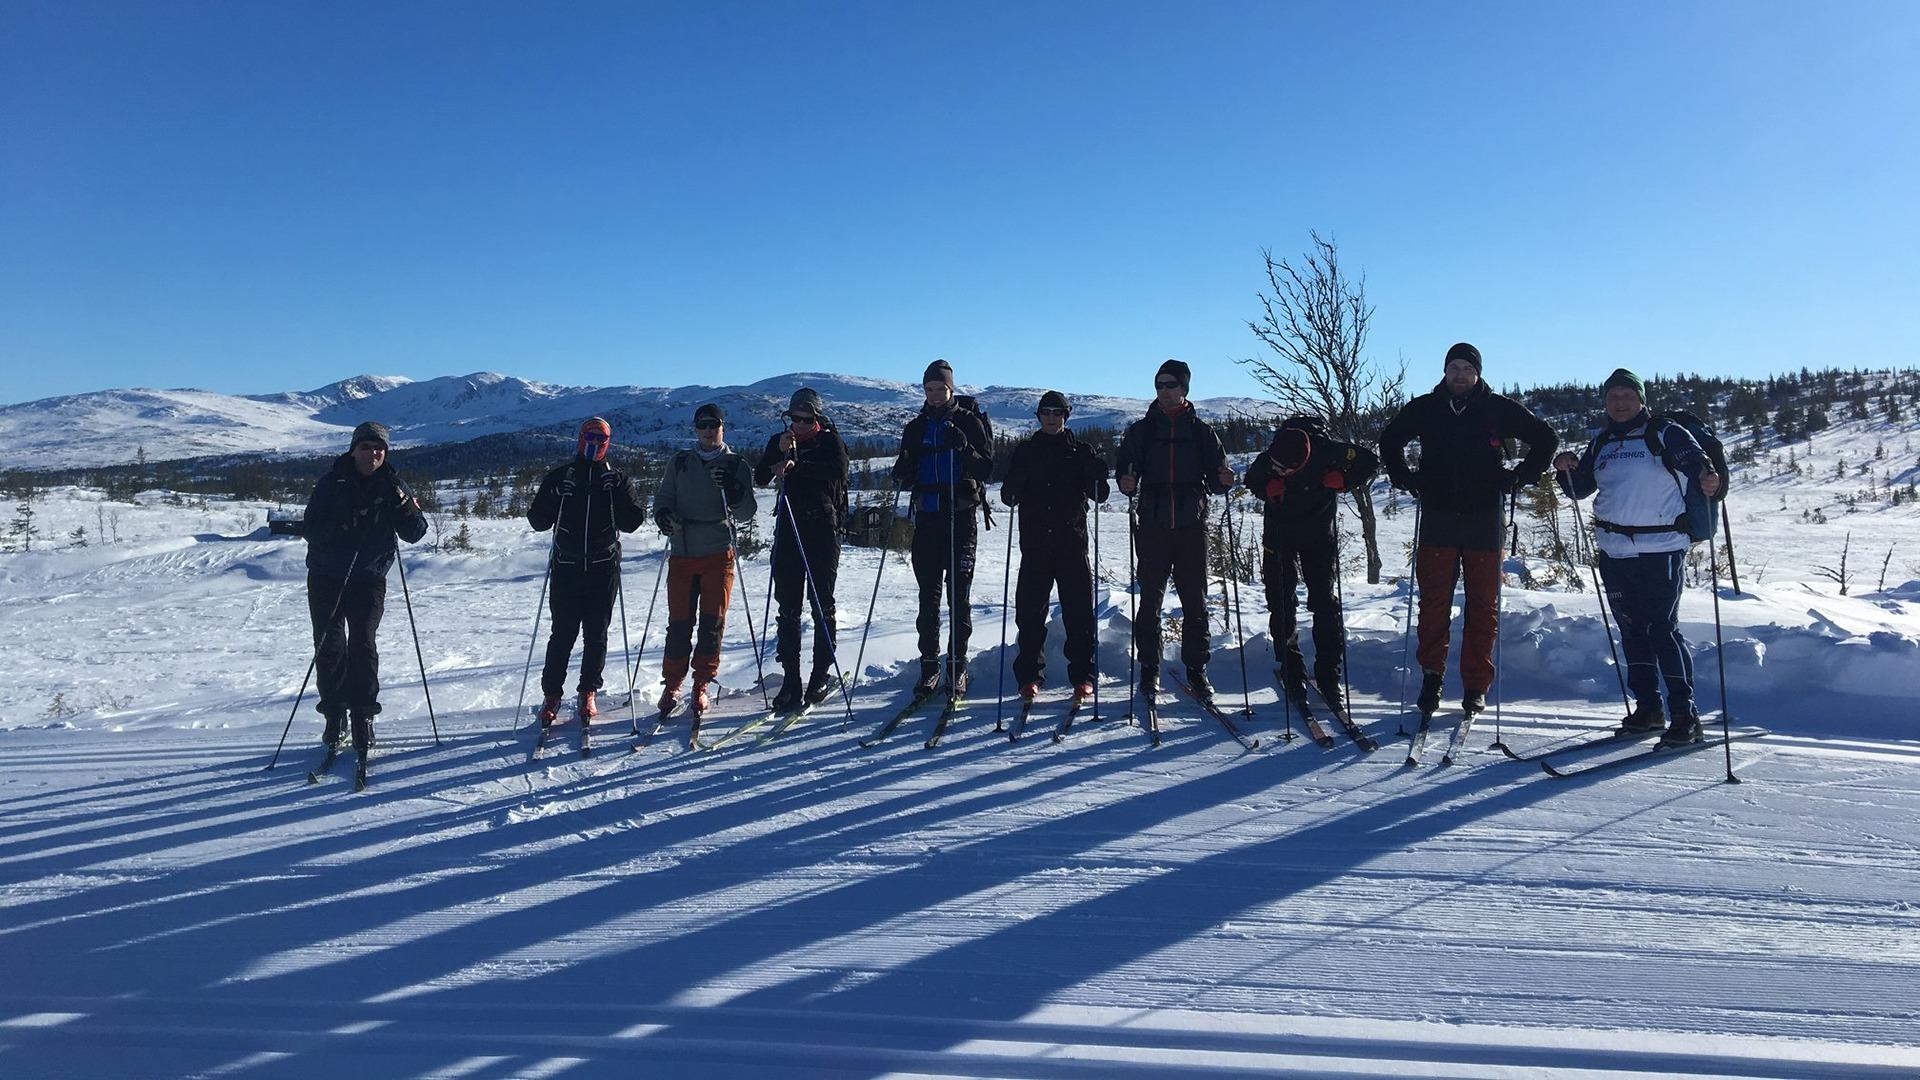 For et par år siden tok vi alle ansatte med på en to-dagers skitur. Her er noen av dem. Samhold skaper trivsel!